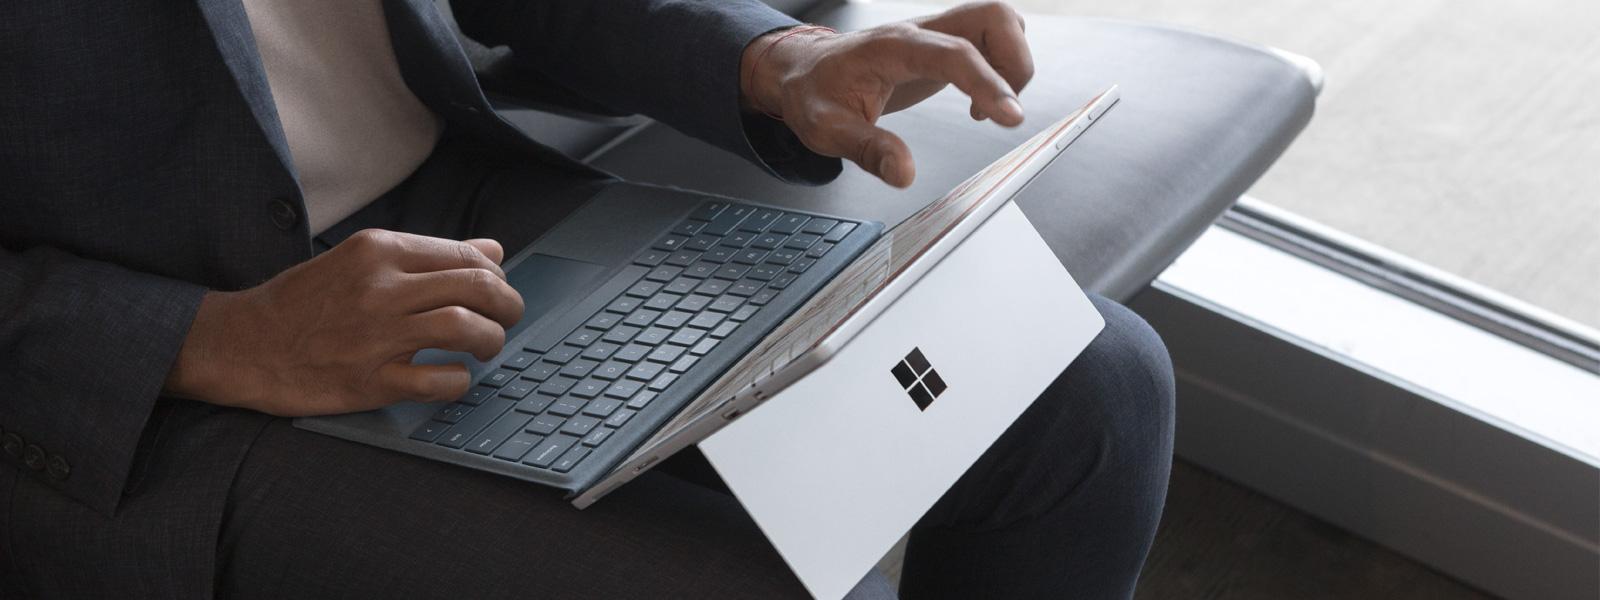 兩個女人在咖啡廳使用鍵盤反折的 Surface Book 2。